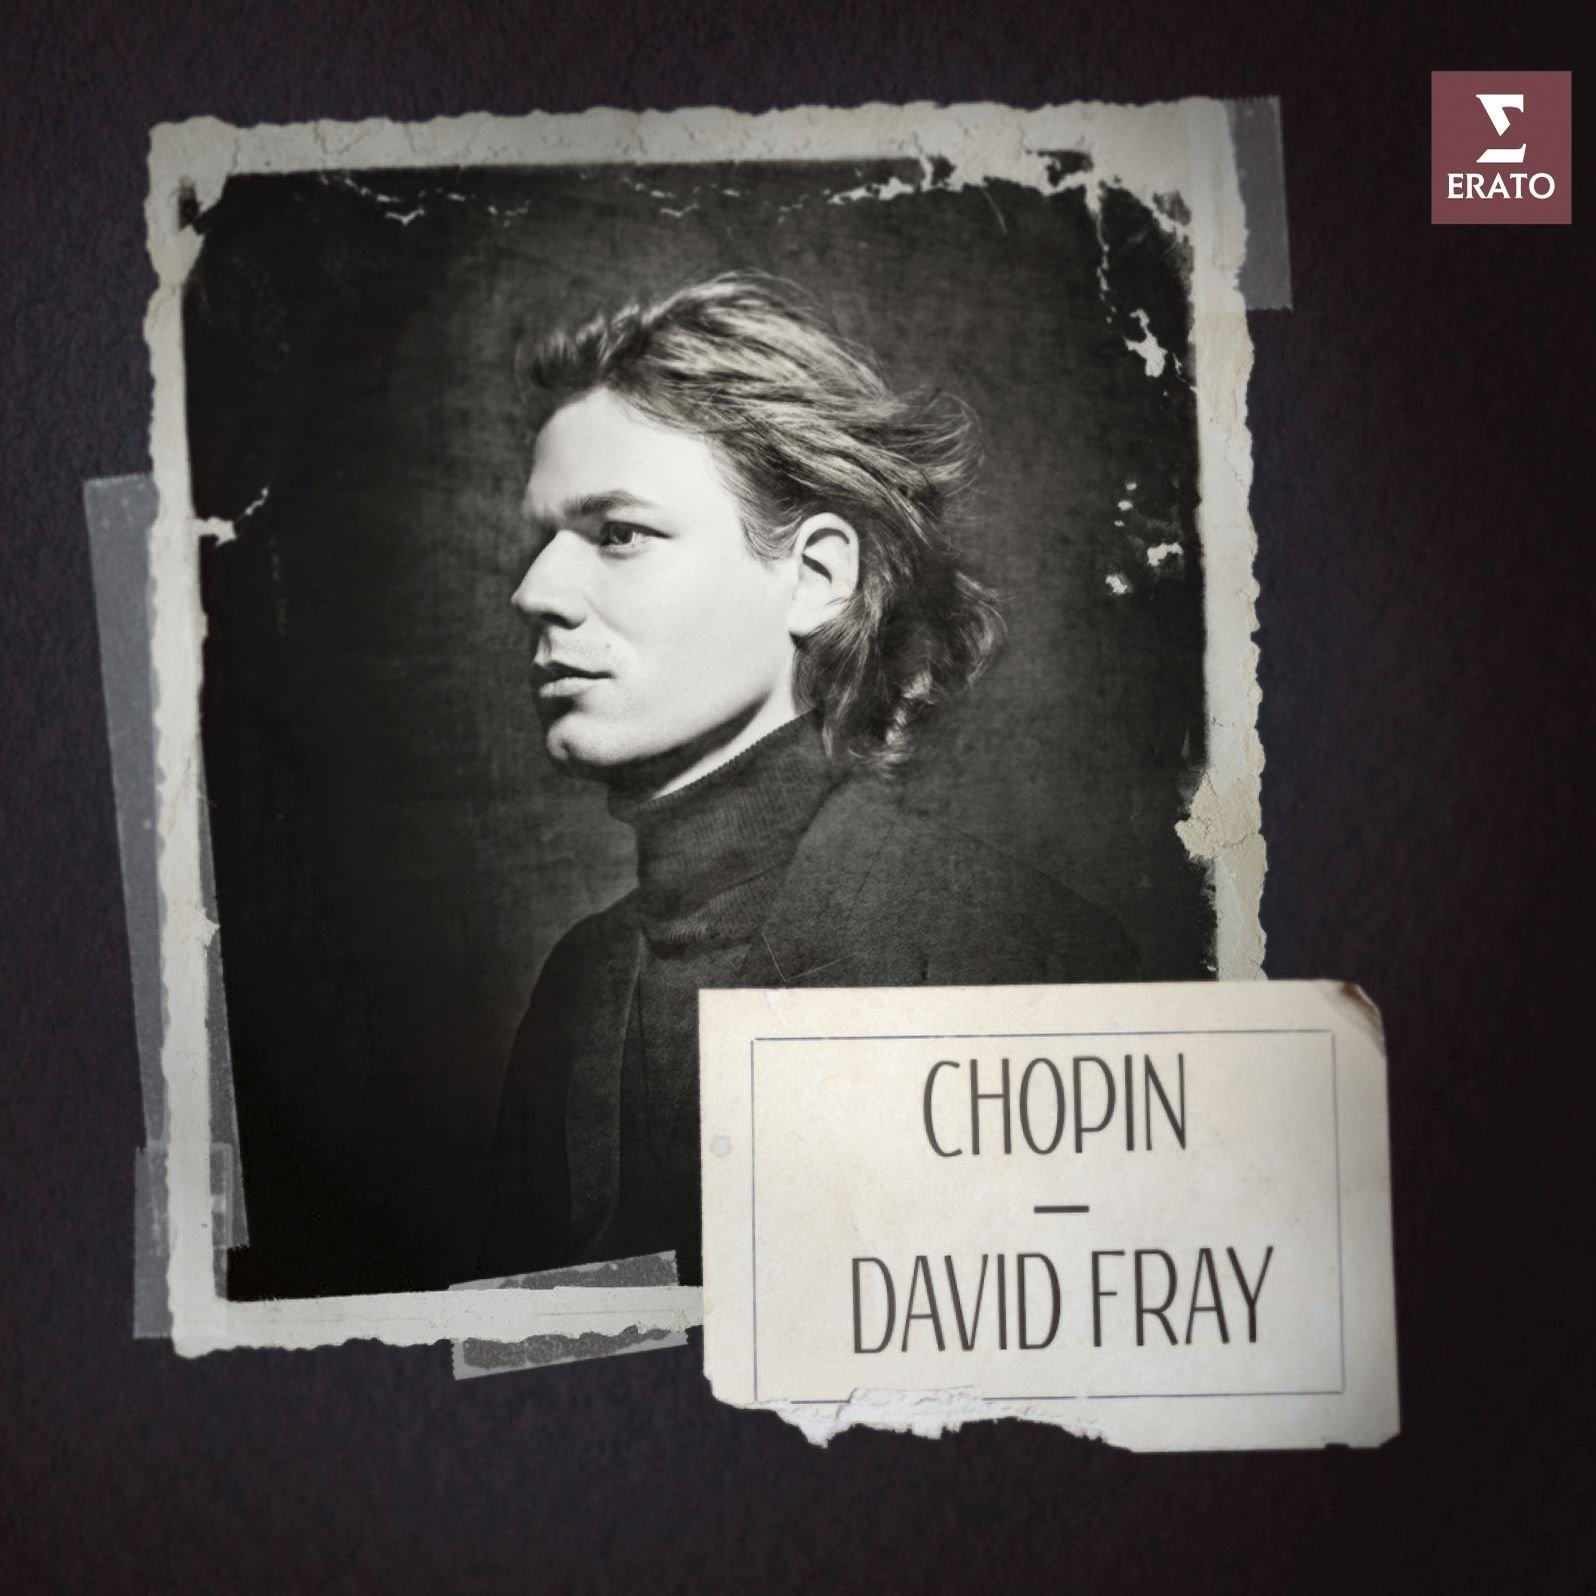 Chopin (Nocturnes, Mazurkas, Walzes, Impromptus)